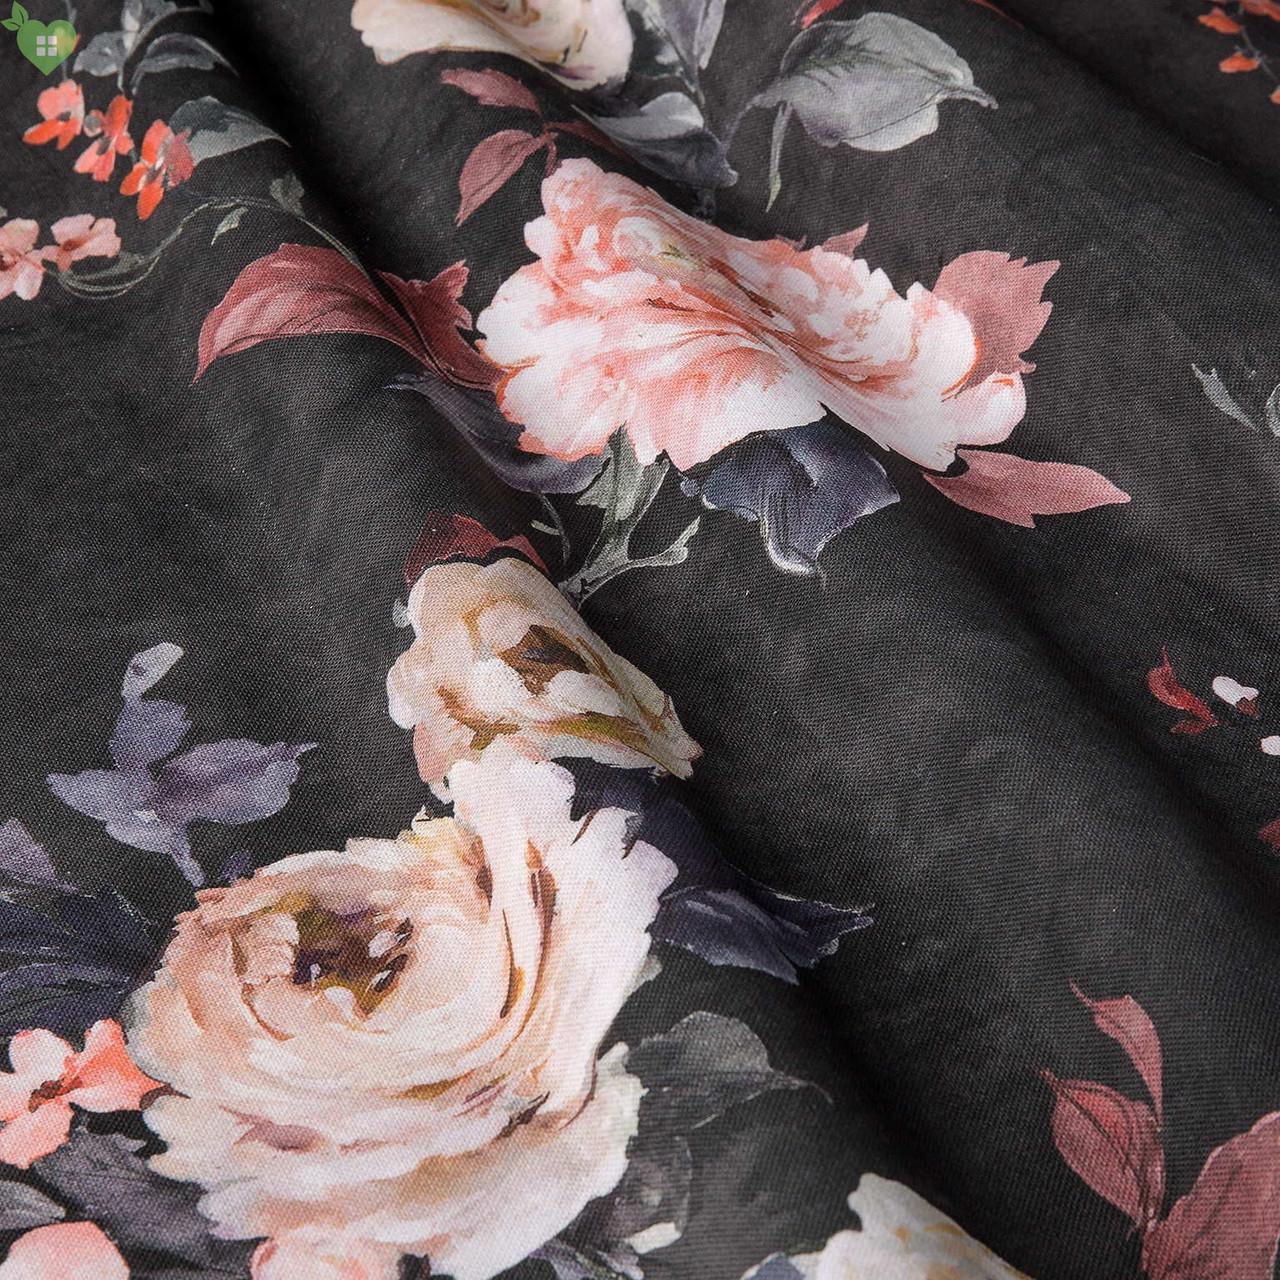 Декоративна тканина з дрібними бутонами блякло-бордових троянд на чорному Іспанія 400342v83433v1